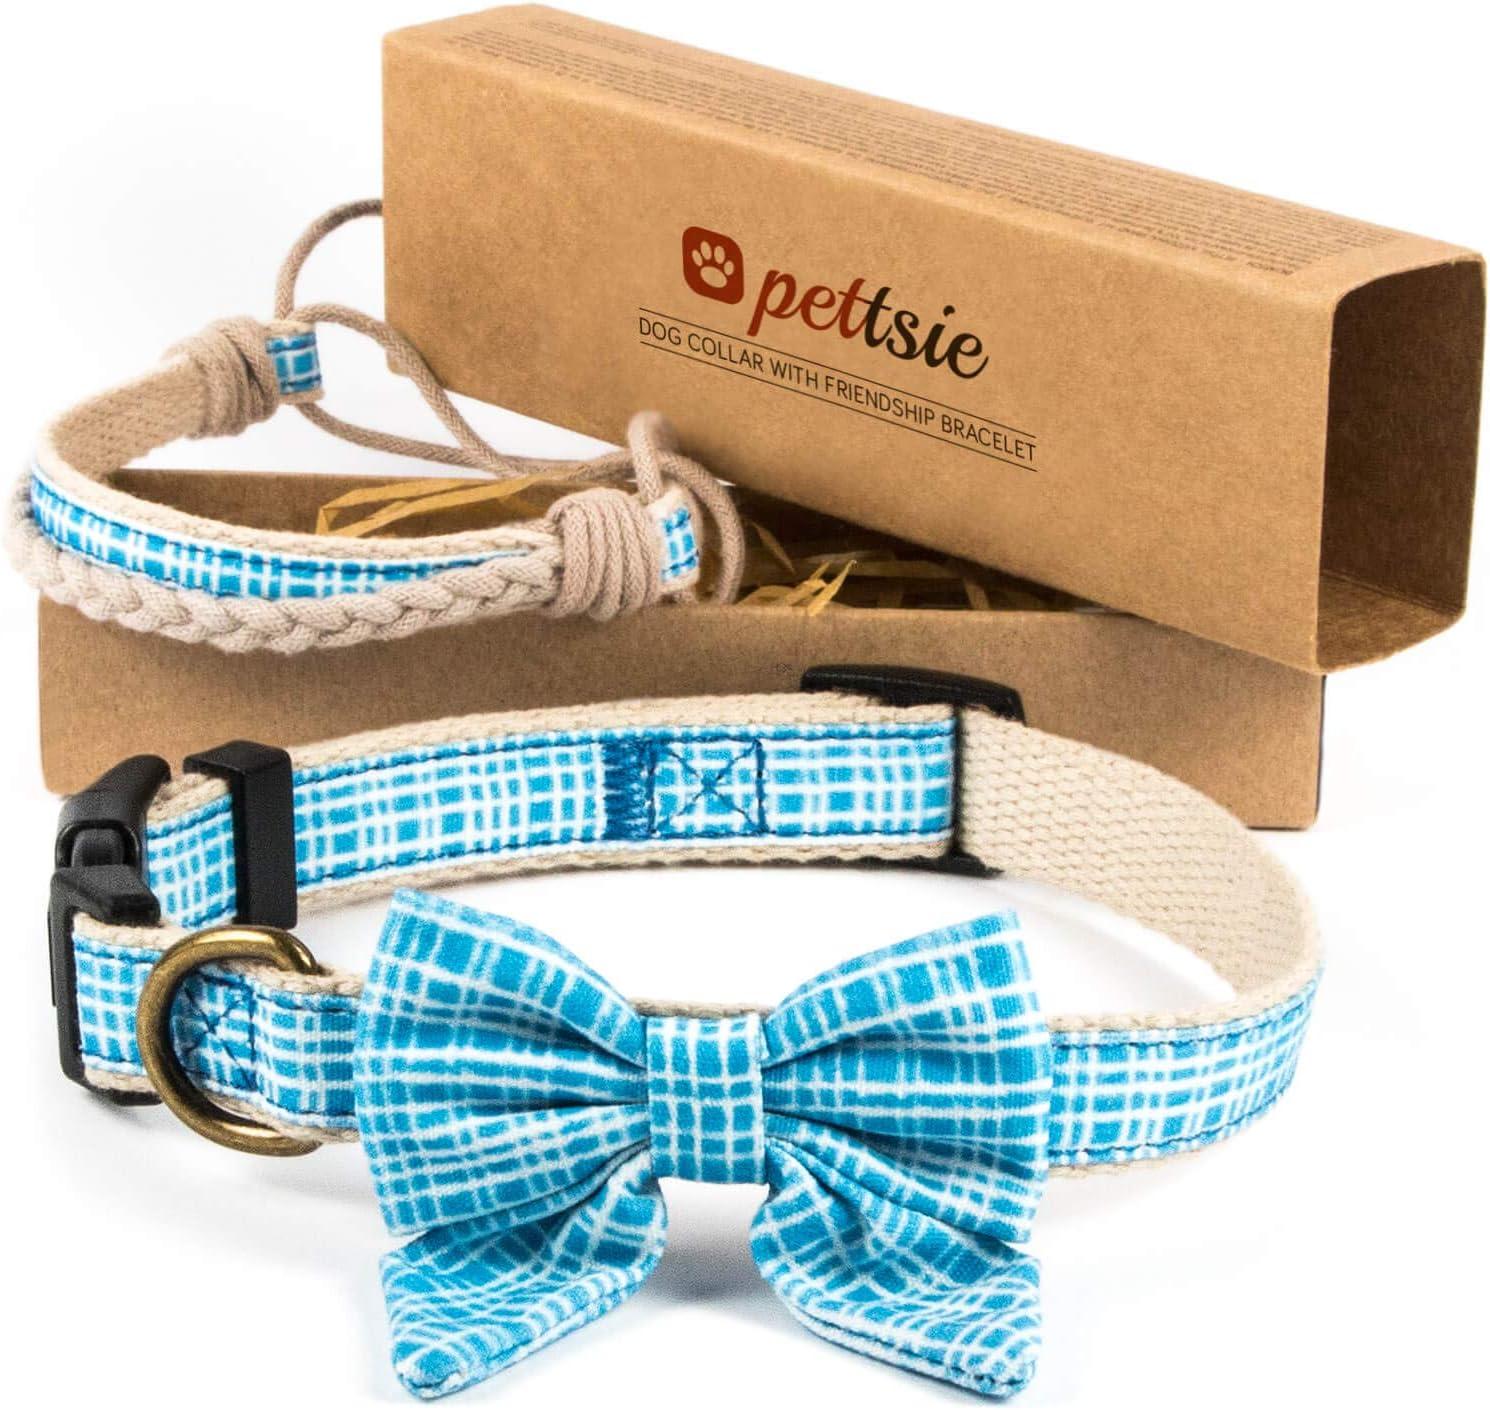 Pet Wish Bracelet Paw /&Heart Connector Pet Lover Pet Bracelet Friend Pet Pet Sympathy The Best Friend Pet Me and Pet the Best Company